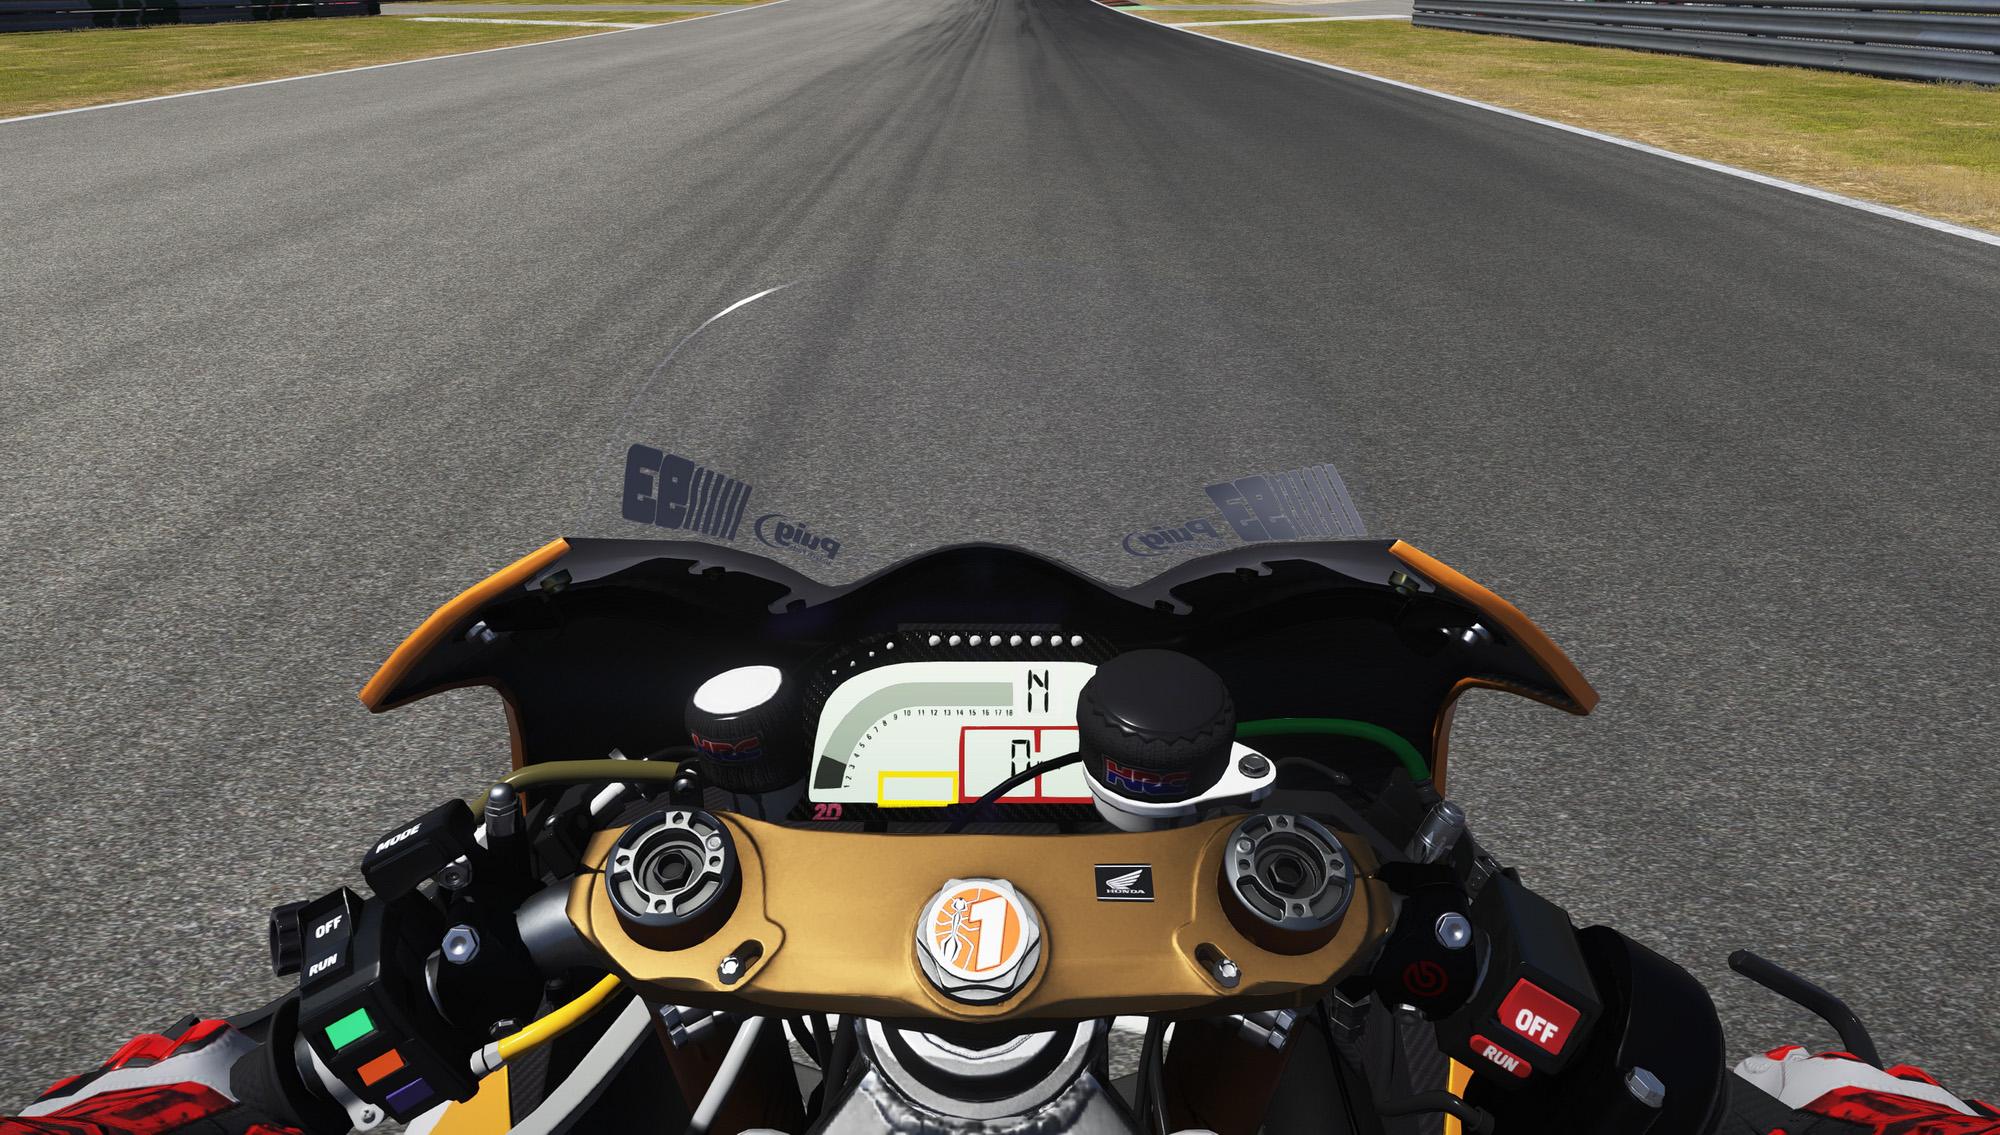 MotoGP17X64_2017_06_30_13_09_26_814_Bildgröße ändern.jpg